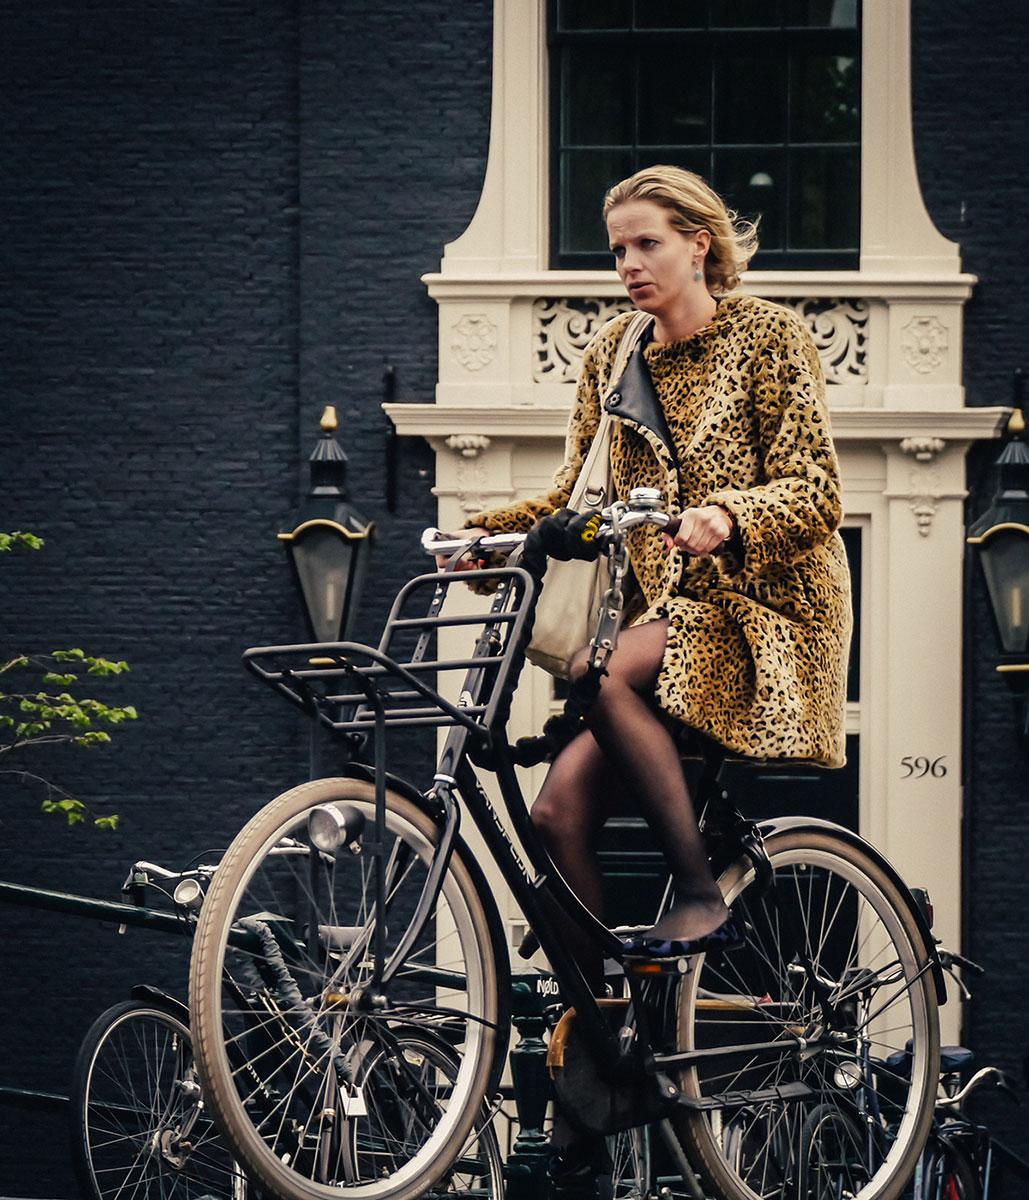 Jaguar | Bicycle Chic Amsterdam